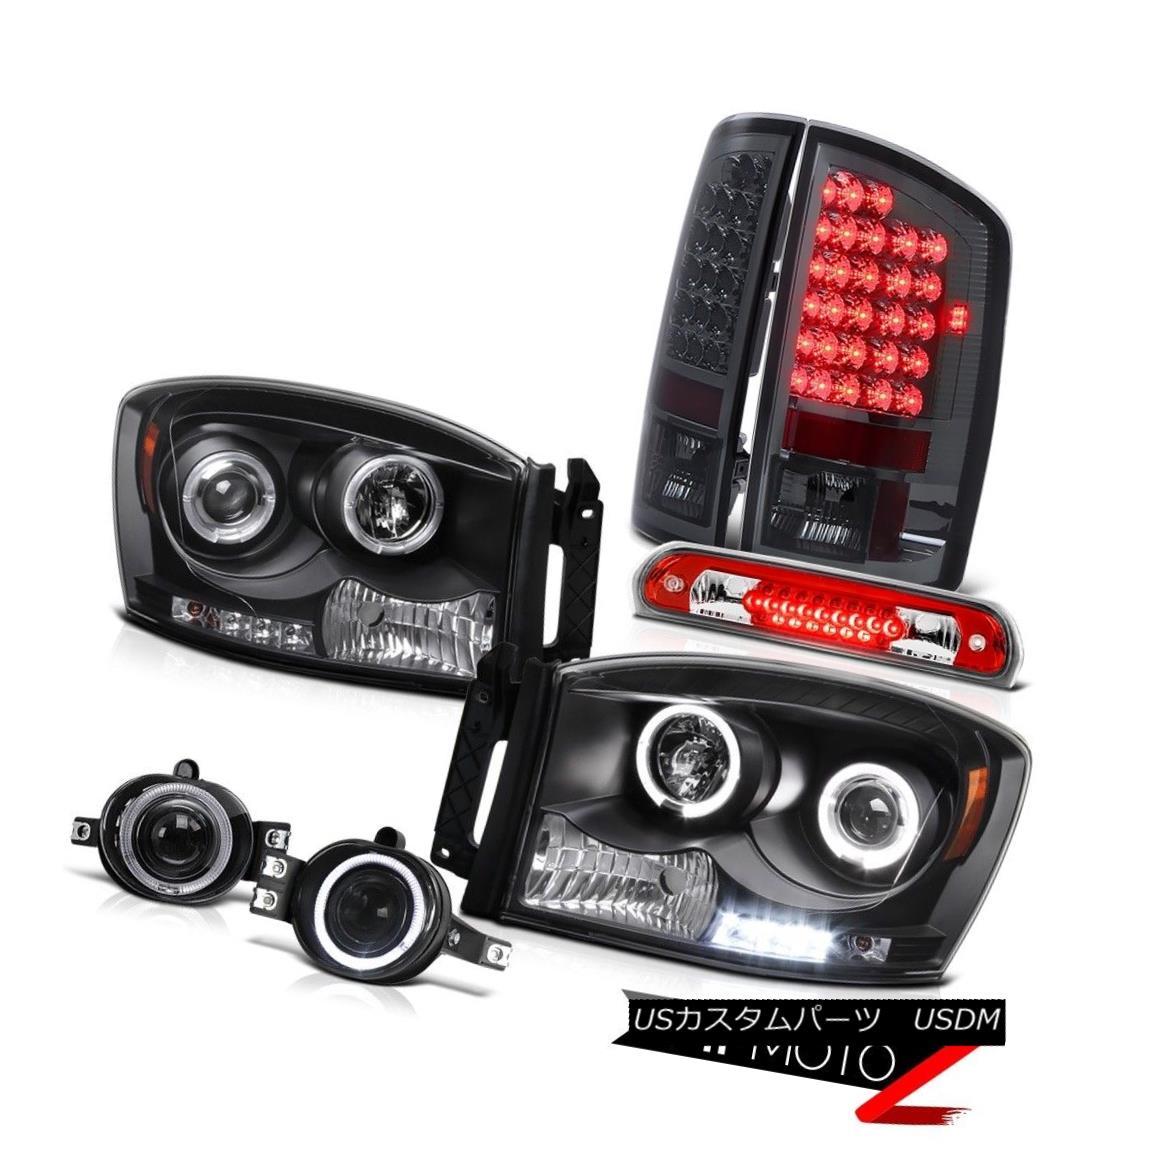 テールライト Black Halo LED Headlight Smoke Taillight Projector Fog 3rd Brake Red 2006 Ram V6 ブラックハローLEDヘッドライト煙曇りプロジェクター霧第3ブレーキ赤2006ラムV6